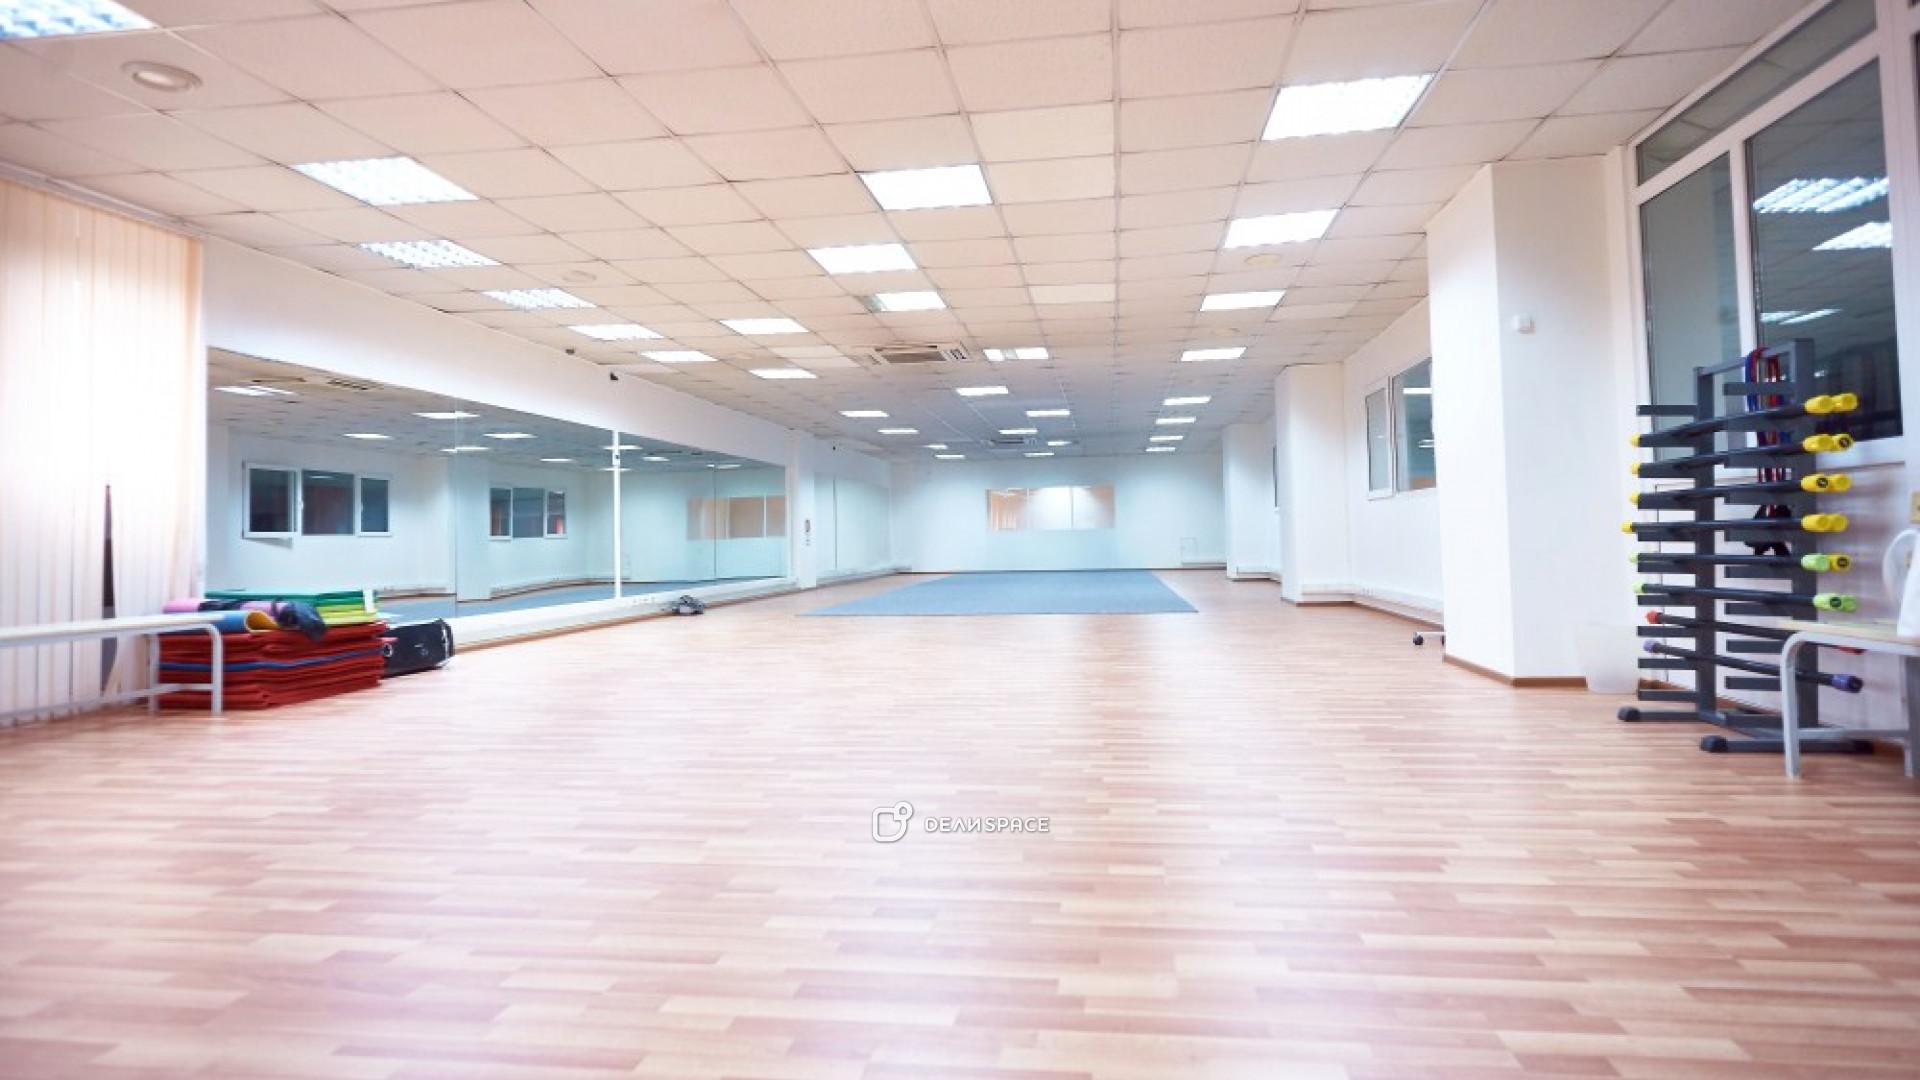 Зал для фитнеса и танцев - фото №4